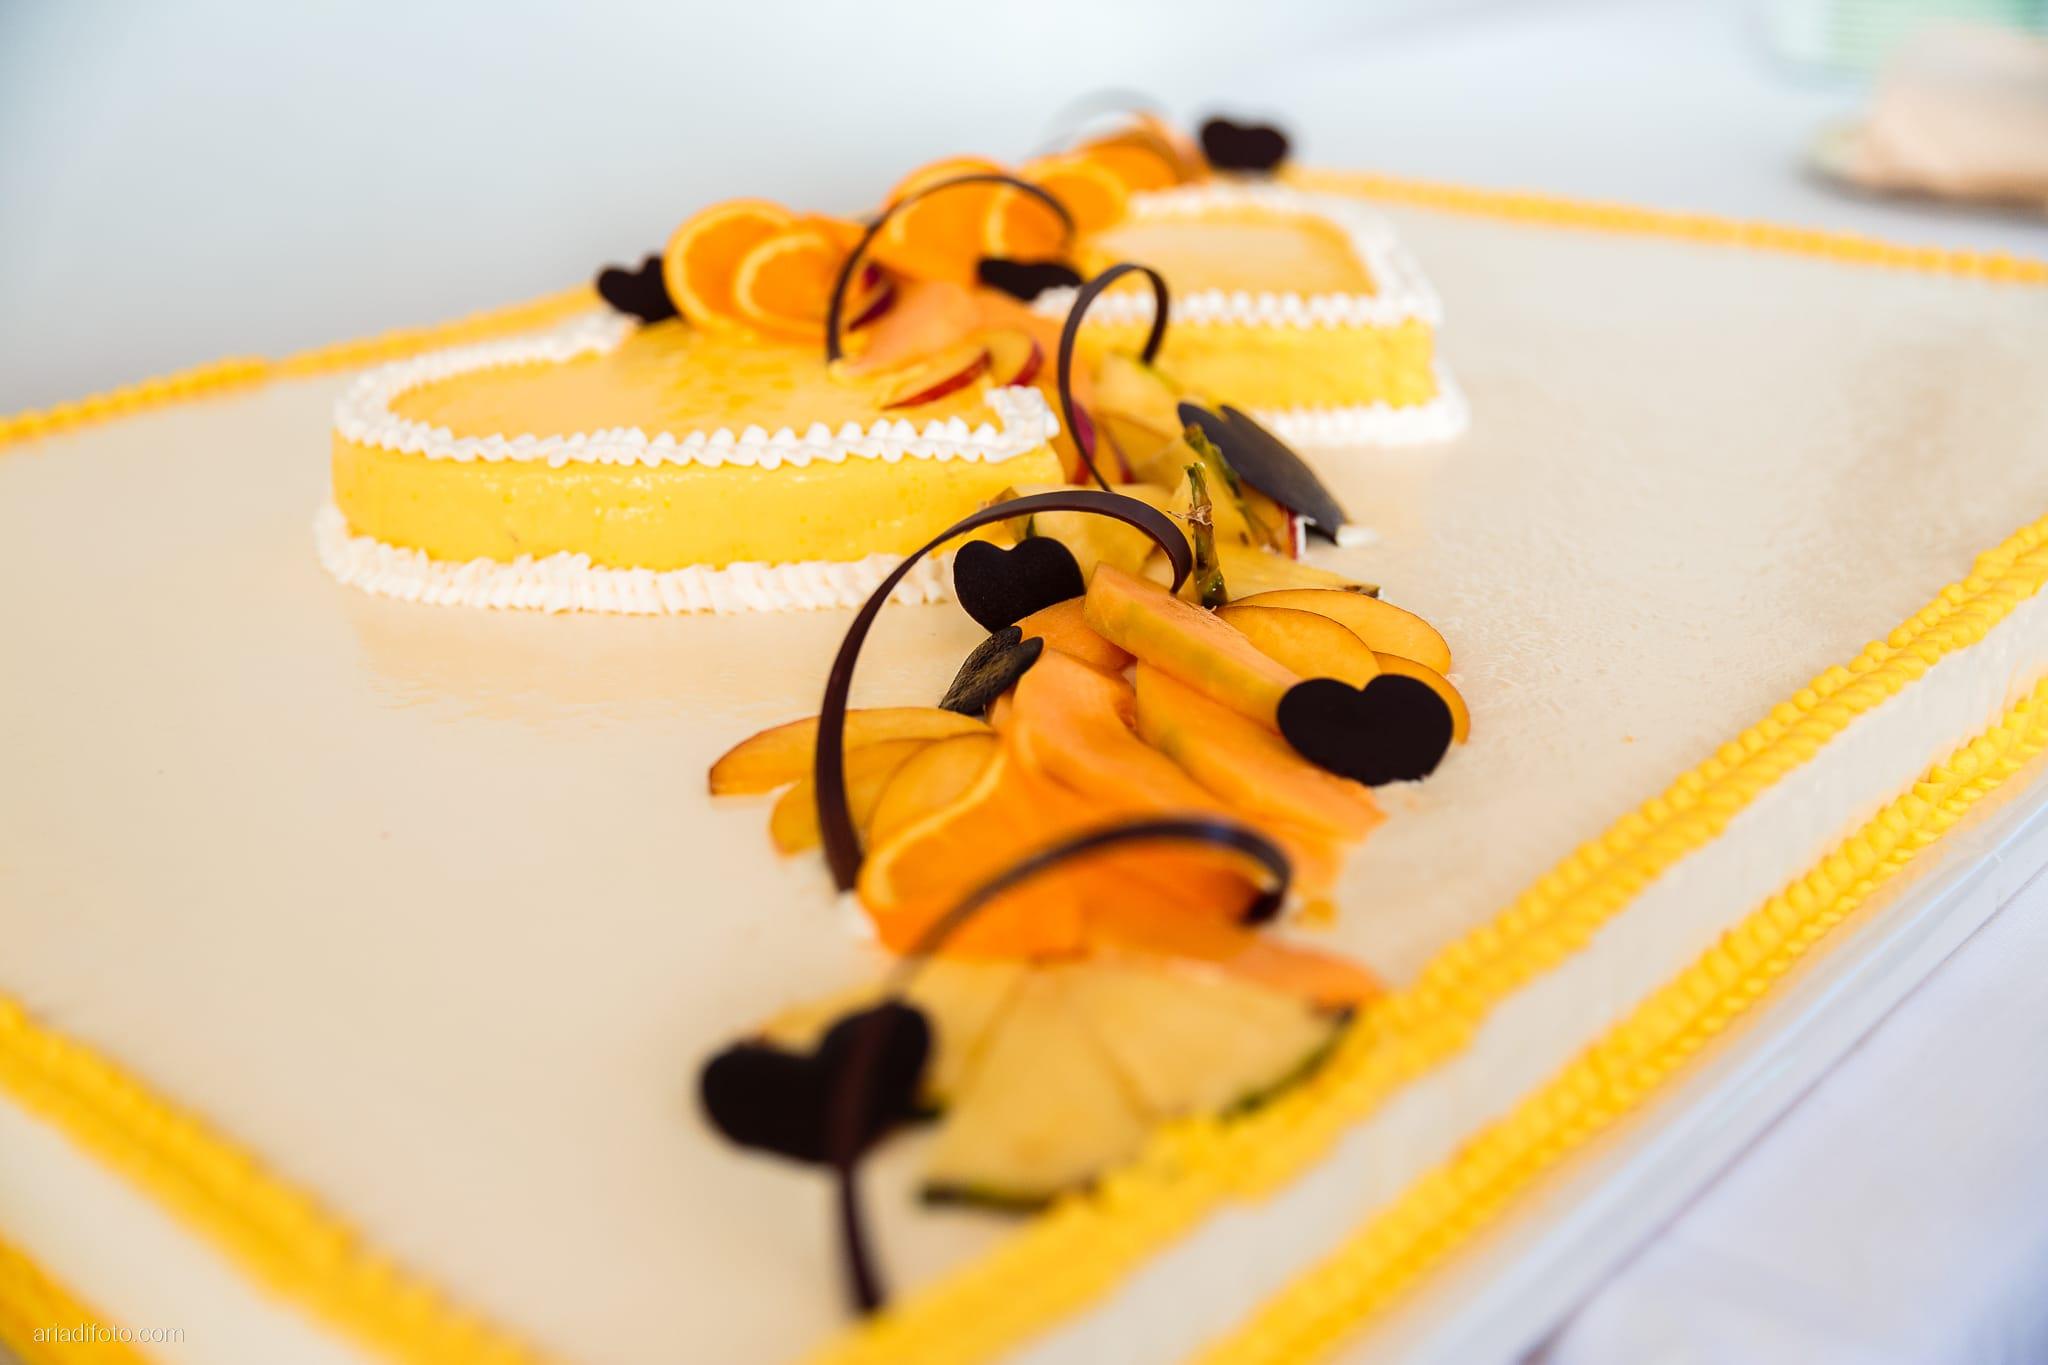 Michela Emilio Matrimonio Terrazze Riviera Trieste ricevimento dettagli torta